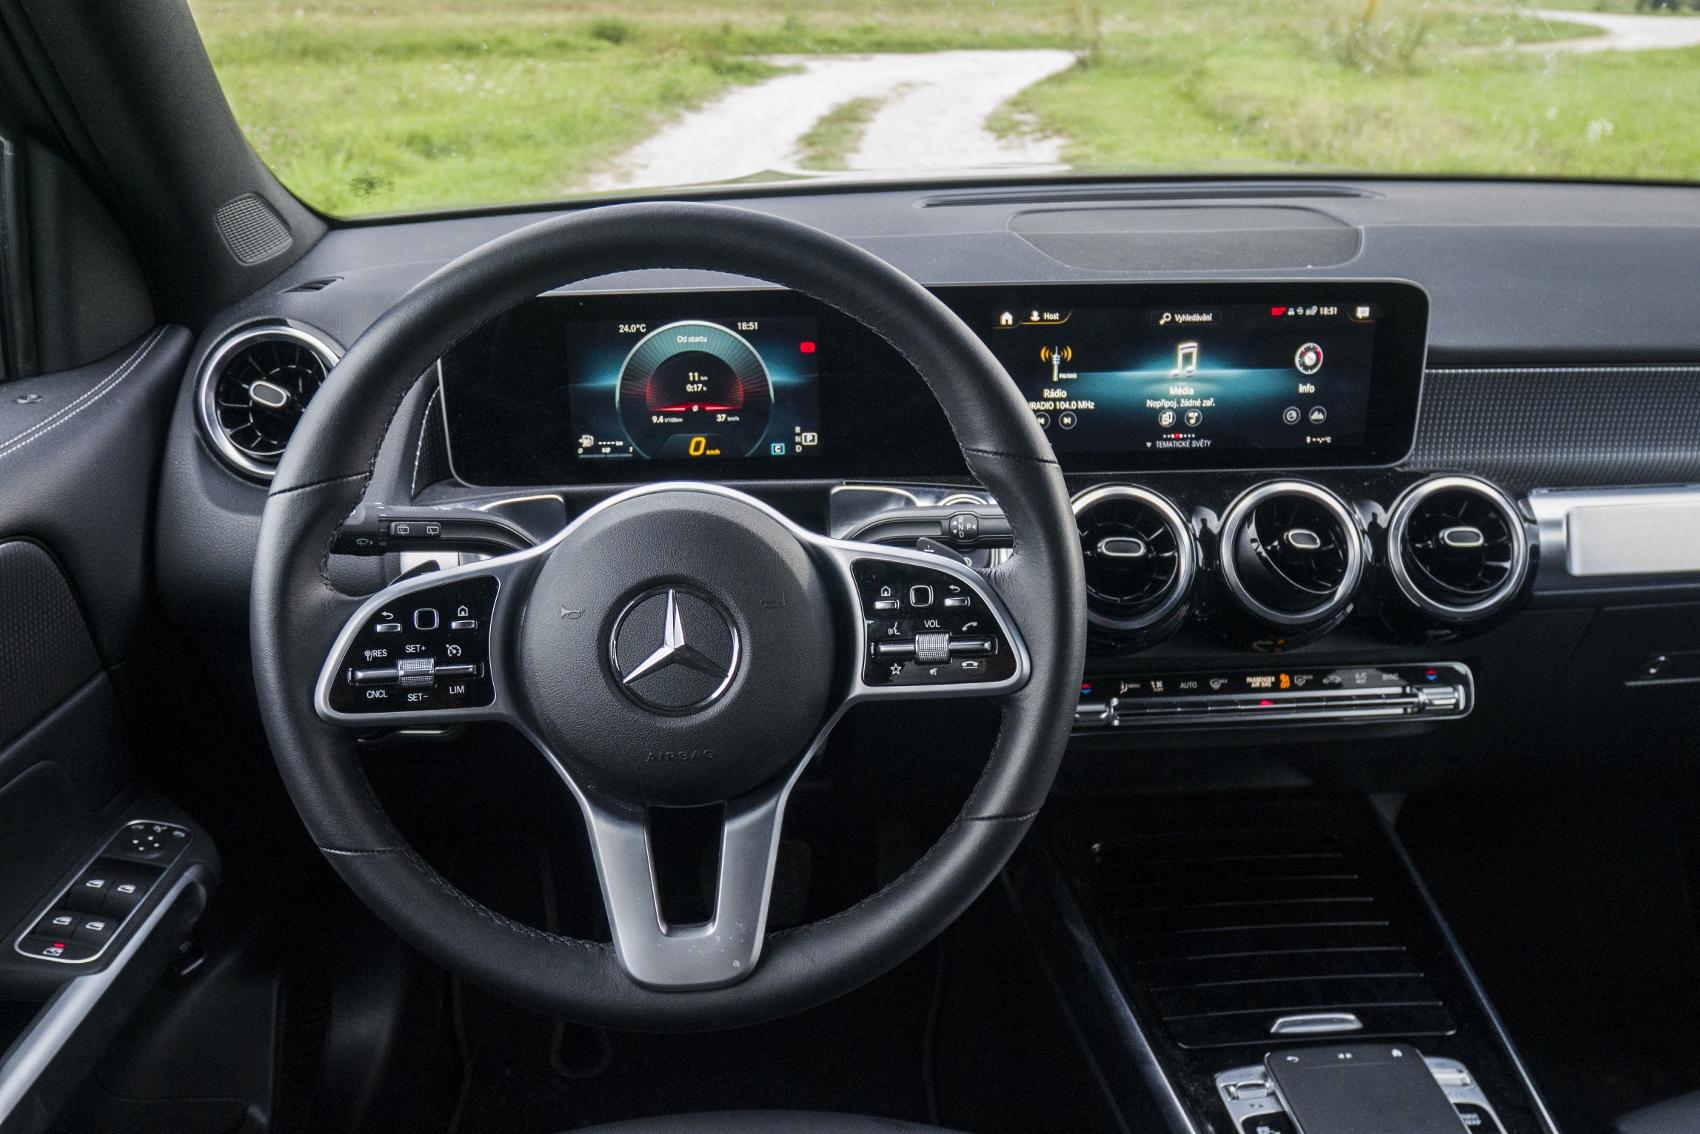 Test: Mercedes GLB 200 ponúka veľký priestor v malom balení JVlKGOCFfV mercedes-glb-25-1700x1134